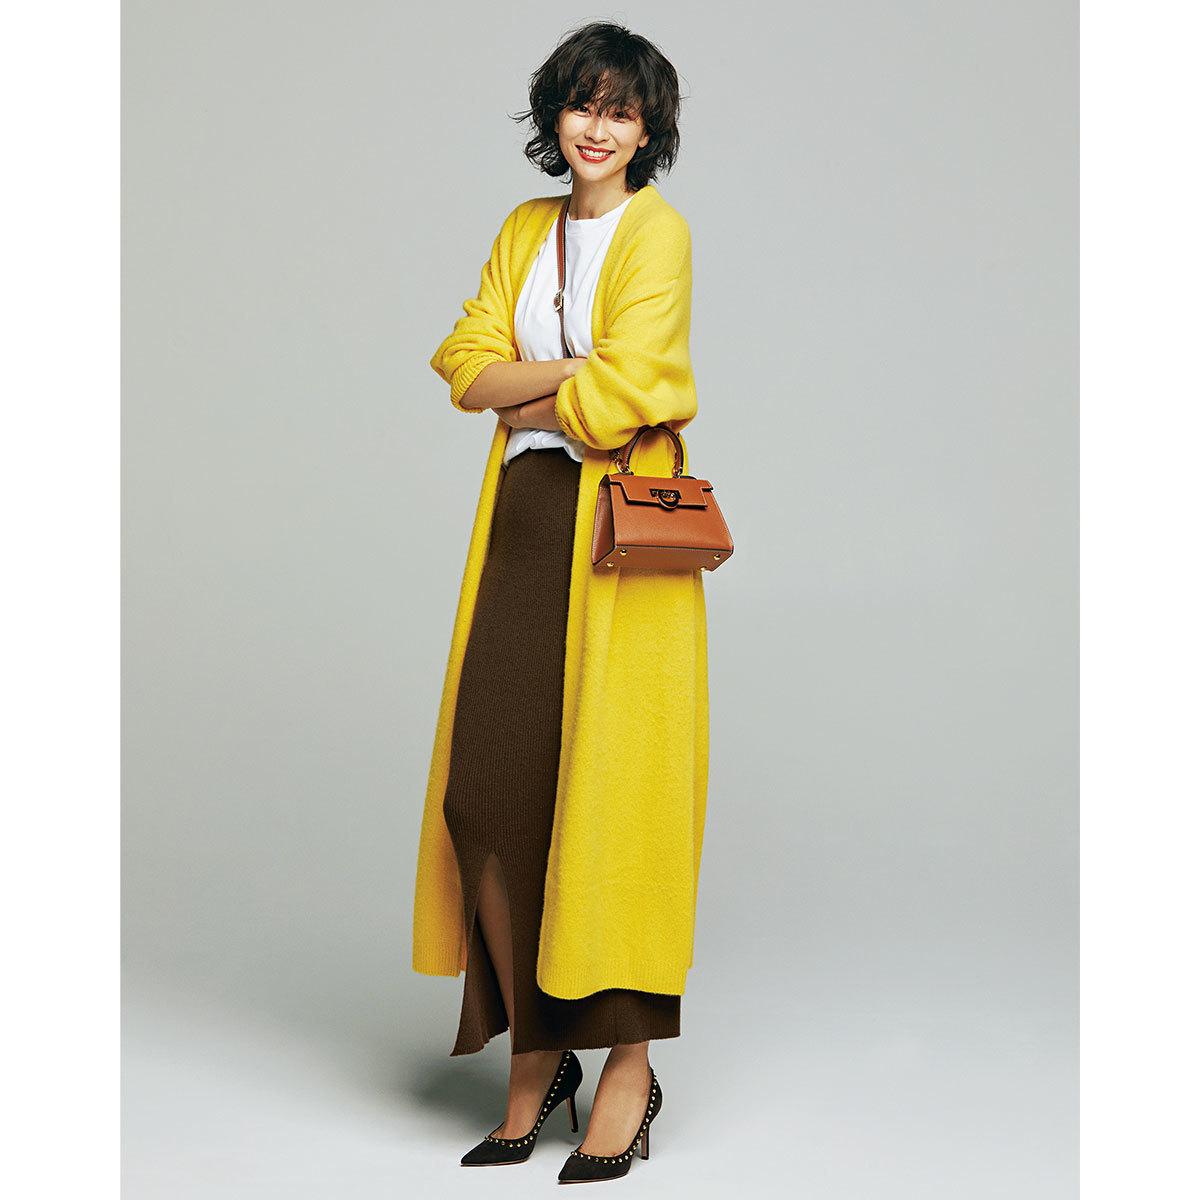 イエローのロングカーディガン×Tシャツ×ニットスカートコーデを着たモデルの五明祐子さん